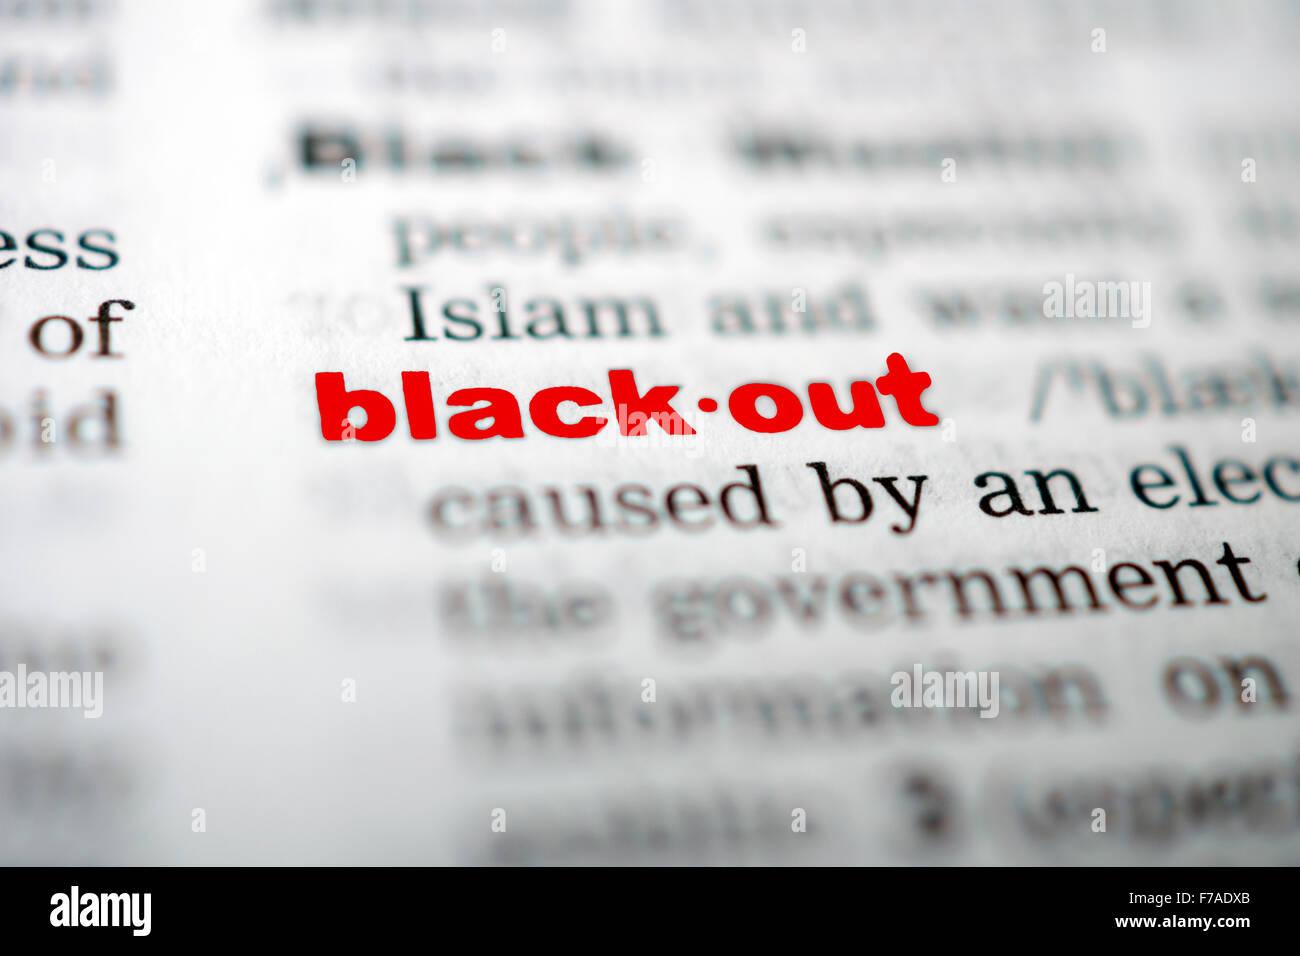 BLACKOUT - Stock Image